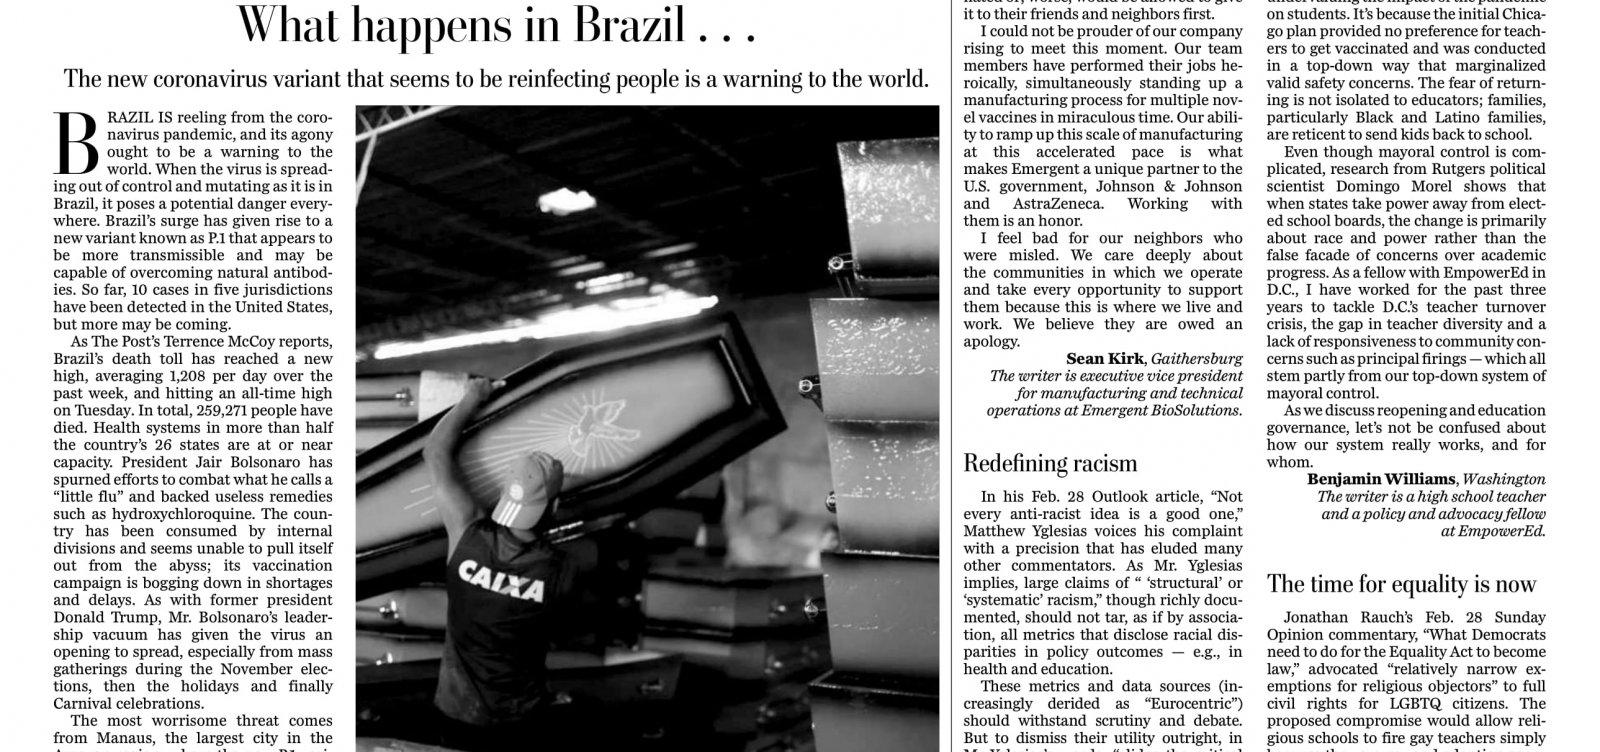 Covid-19 no Brasil: New York Times, The Guardian e Washington Post repercutem crise do país; veja manchetes